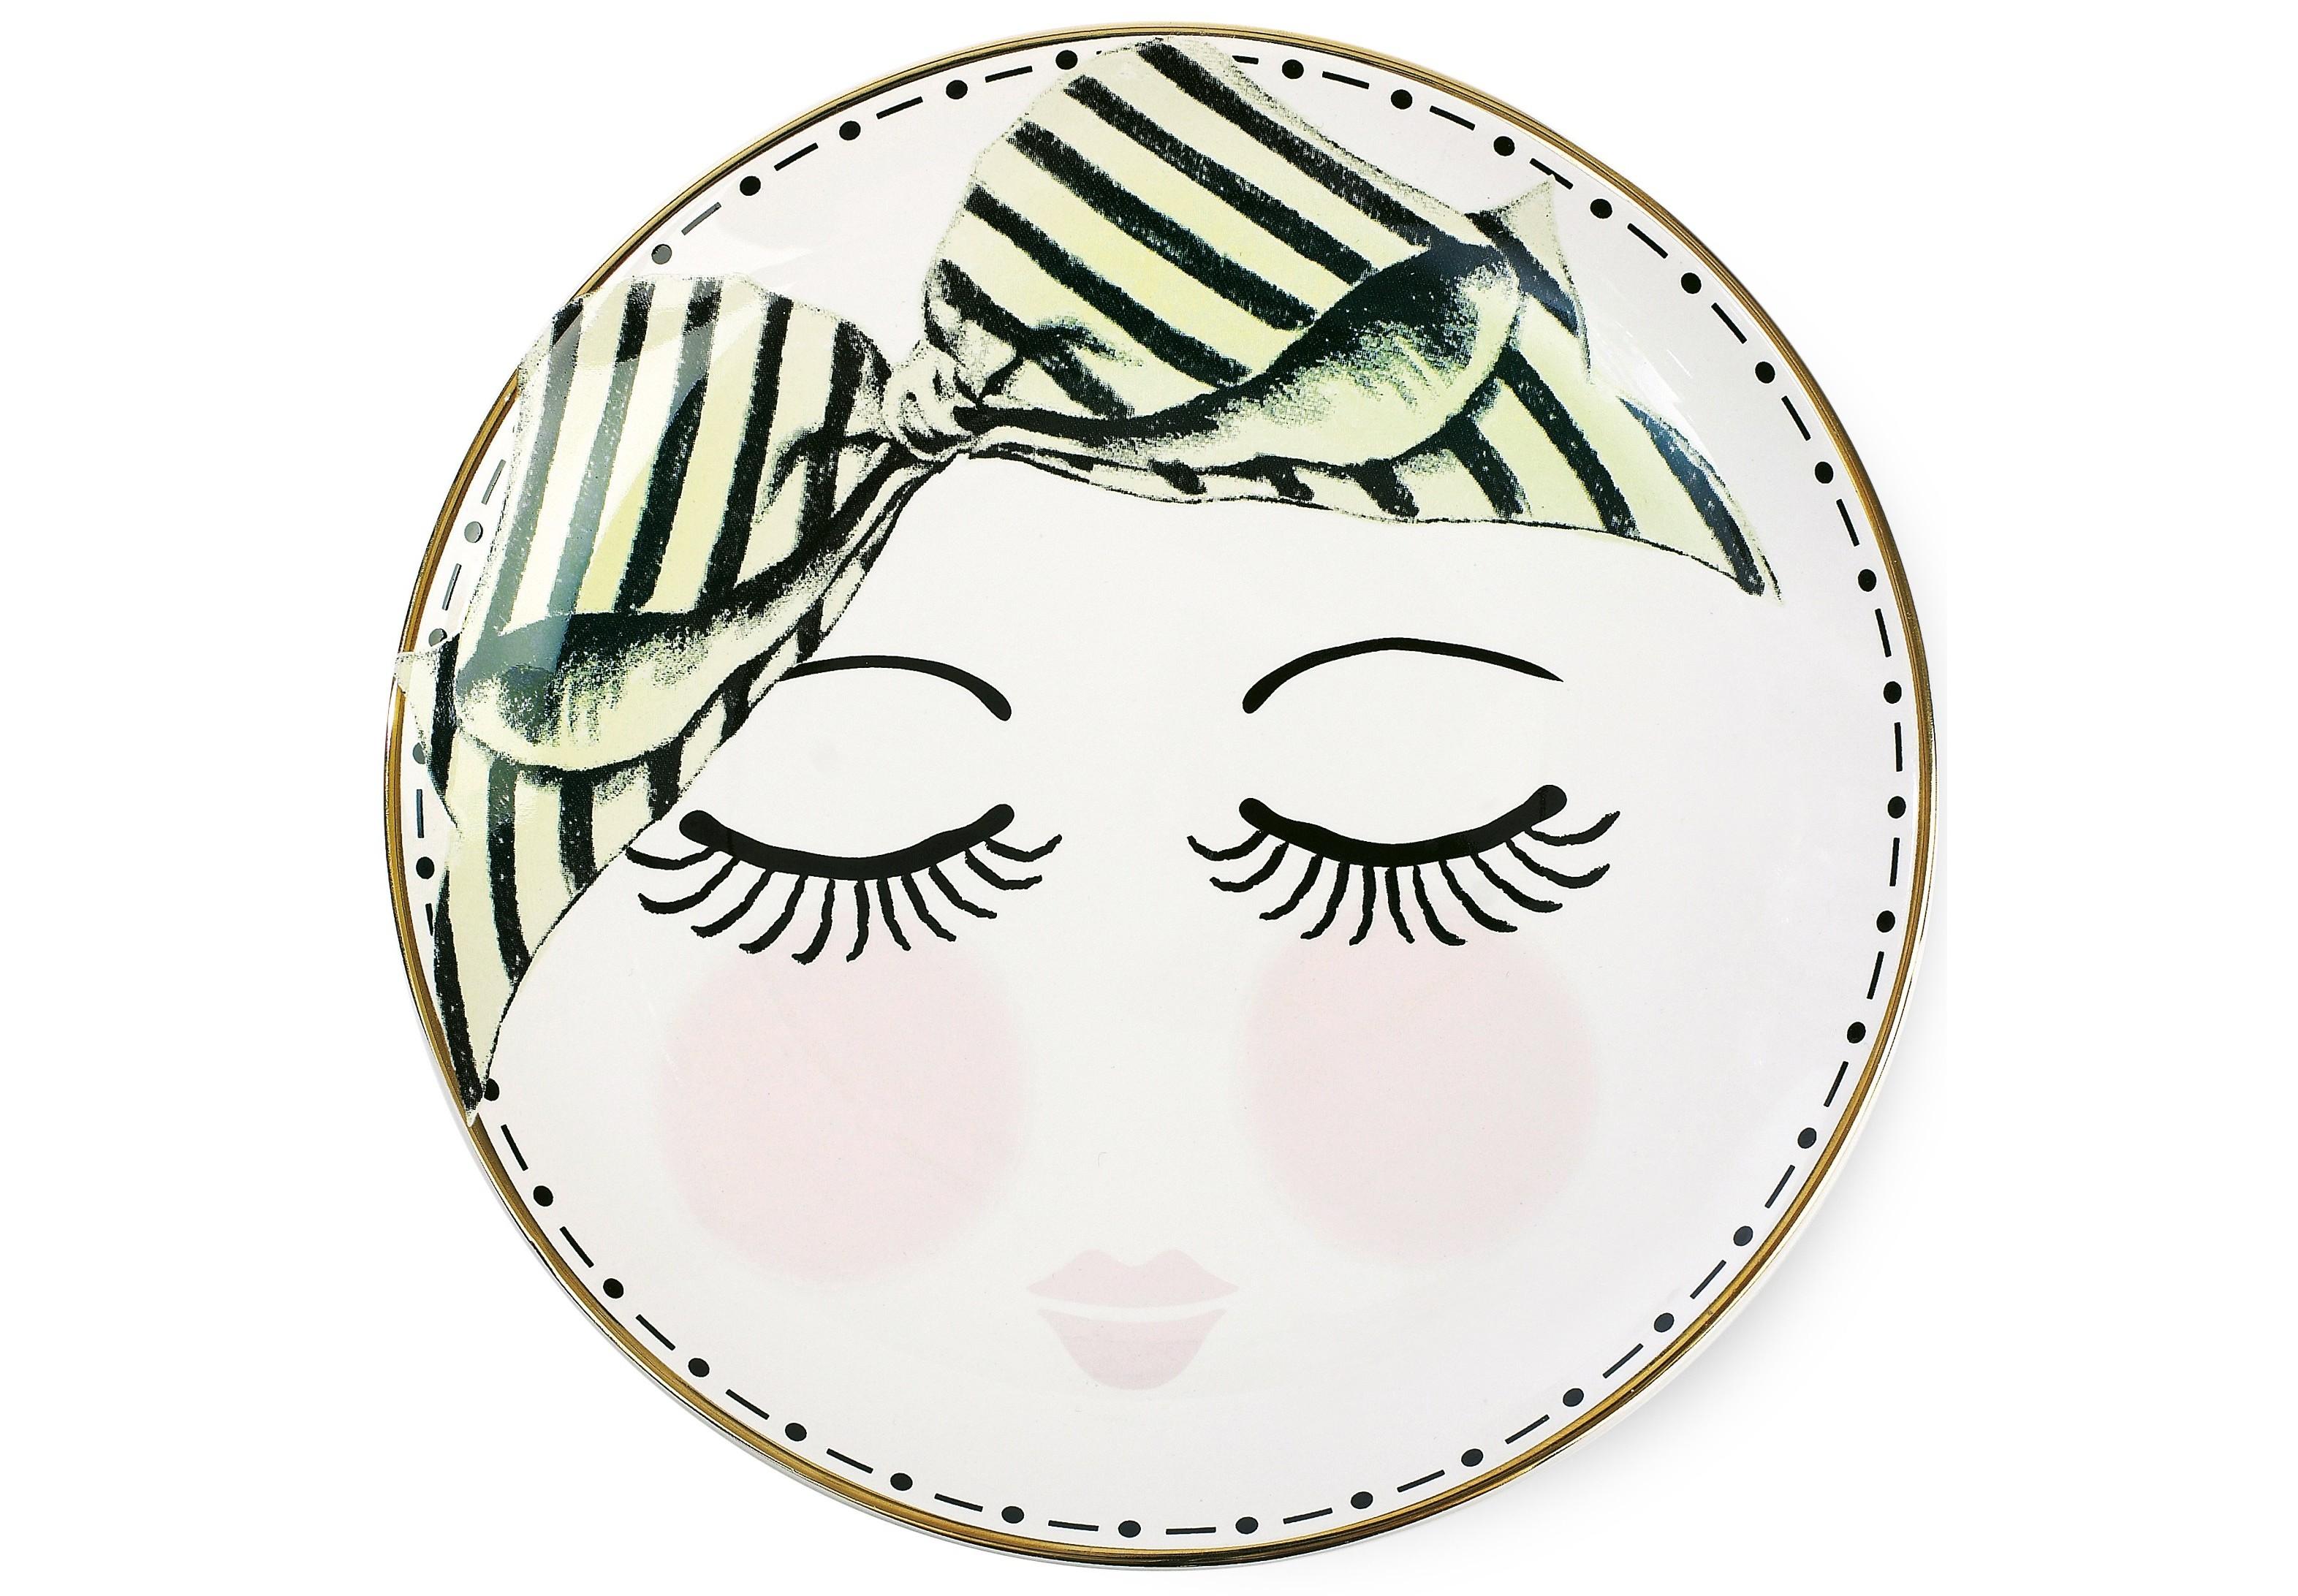 ТарелкаТарелки<br>Тарелка от Miss Etoile с очаровательным бантиком и глазками отражает бережное отношение создателей бренда к деталям. Эта тарелка непременно украсит ваш интерьер, обратит на себя внимание и окажется главным акцентом в сервировке стола. Окружая себя такими приятными мелочами, мы вносим в нашу жизнь атмосферу сказки и хорошего настроения! Тарелка от Miss Etoile обязательно станет роскошной изюминкой в интерьере вашей кухни!<br><br>Material: Керамика<br>Length см: None<br>Width см: None<br>Depth см: None<br>Height см: 2<br>Diameter см: 17